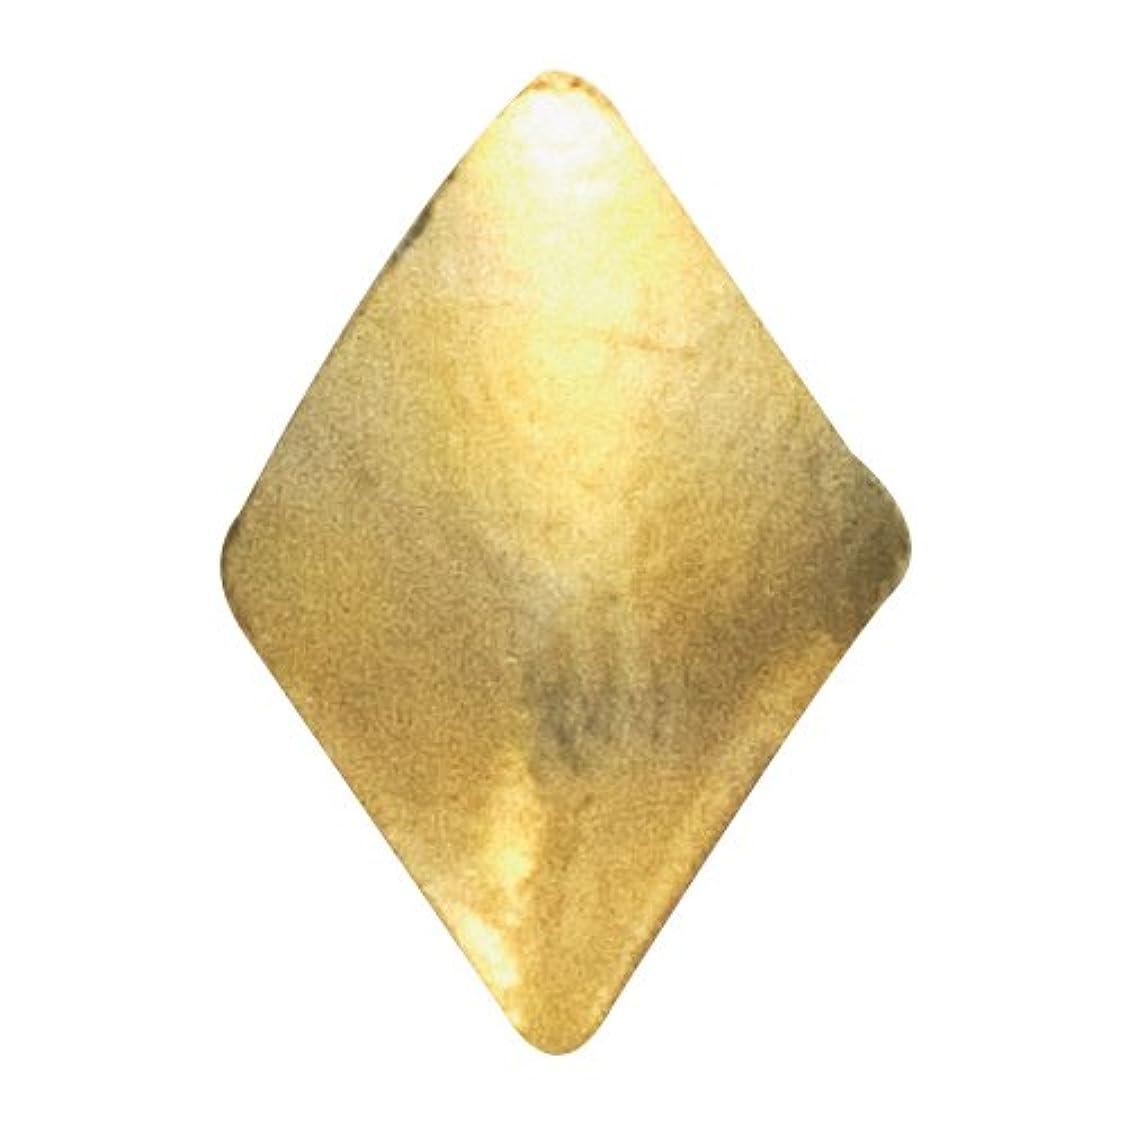 過剰淡い砲兵リトルプリティー ネイルアートパーツ スタッズダイヤ 2×3mm ゴールド 50個